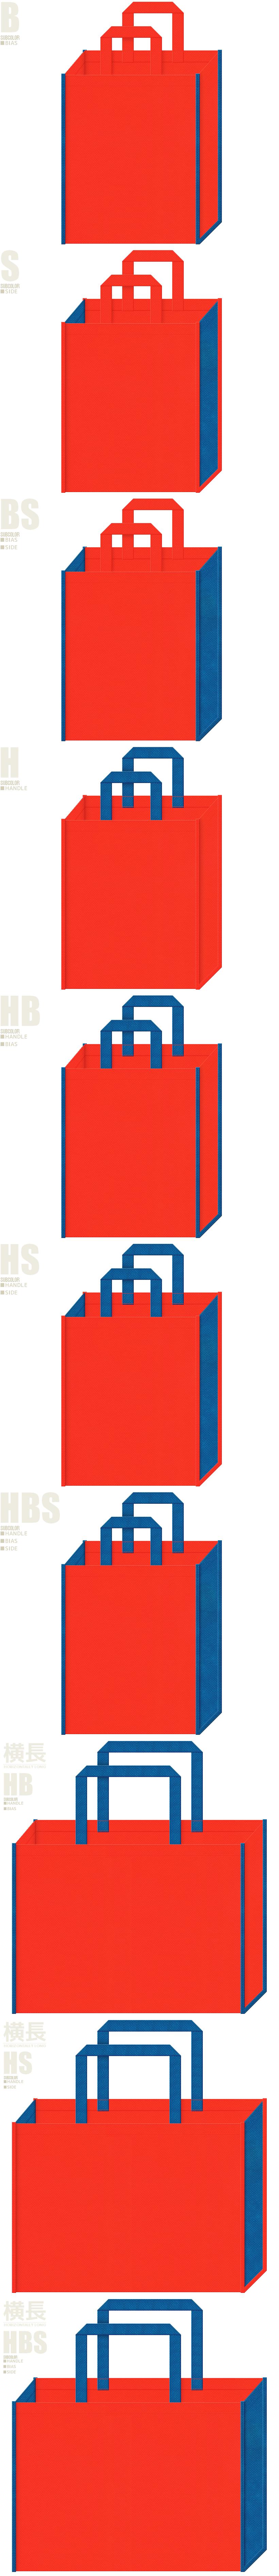 テーマパーク・おもちゃ・キッズイベントにお奨めの不織布バッグのデザイン:オレンジ色と青色の配色7パターン